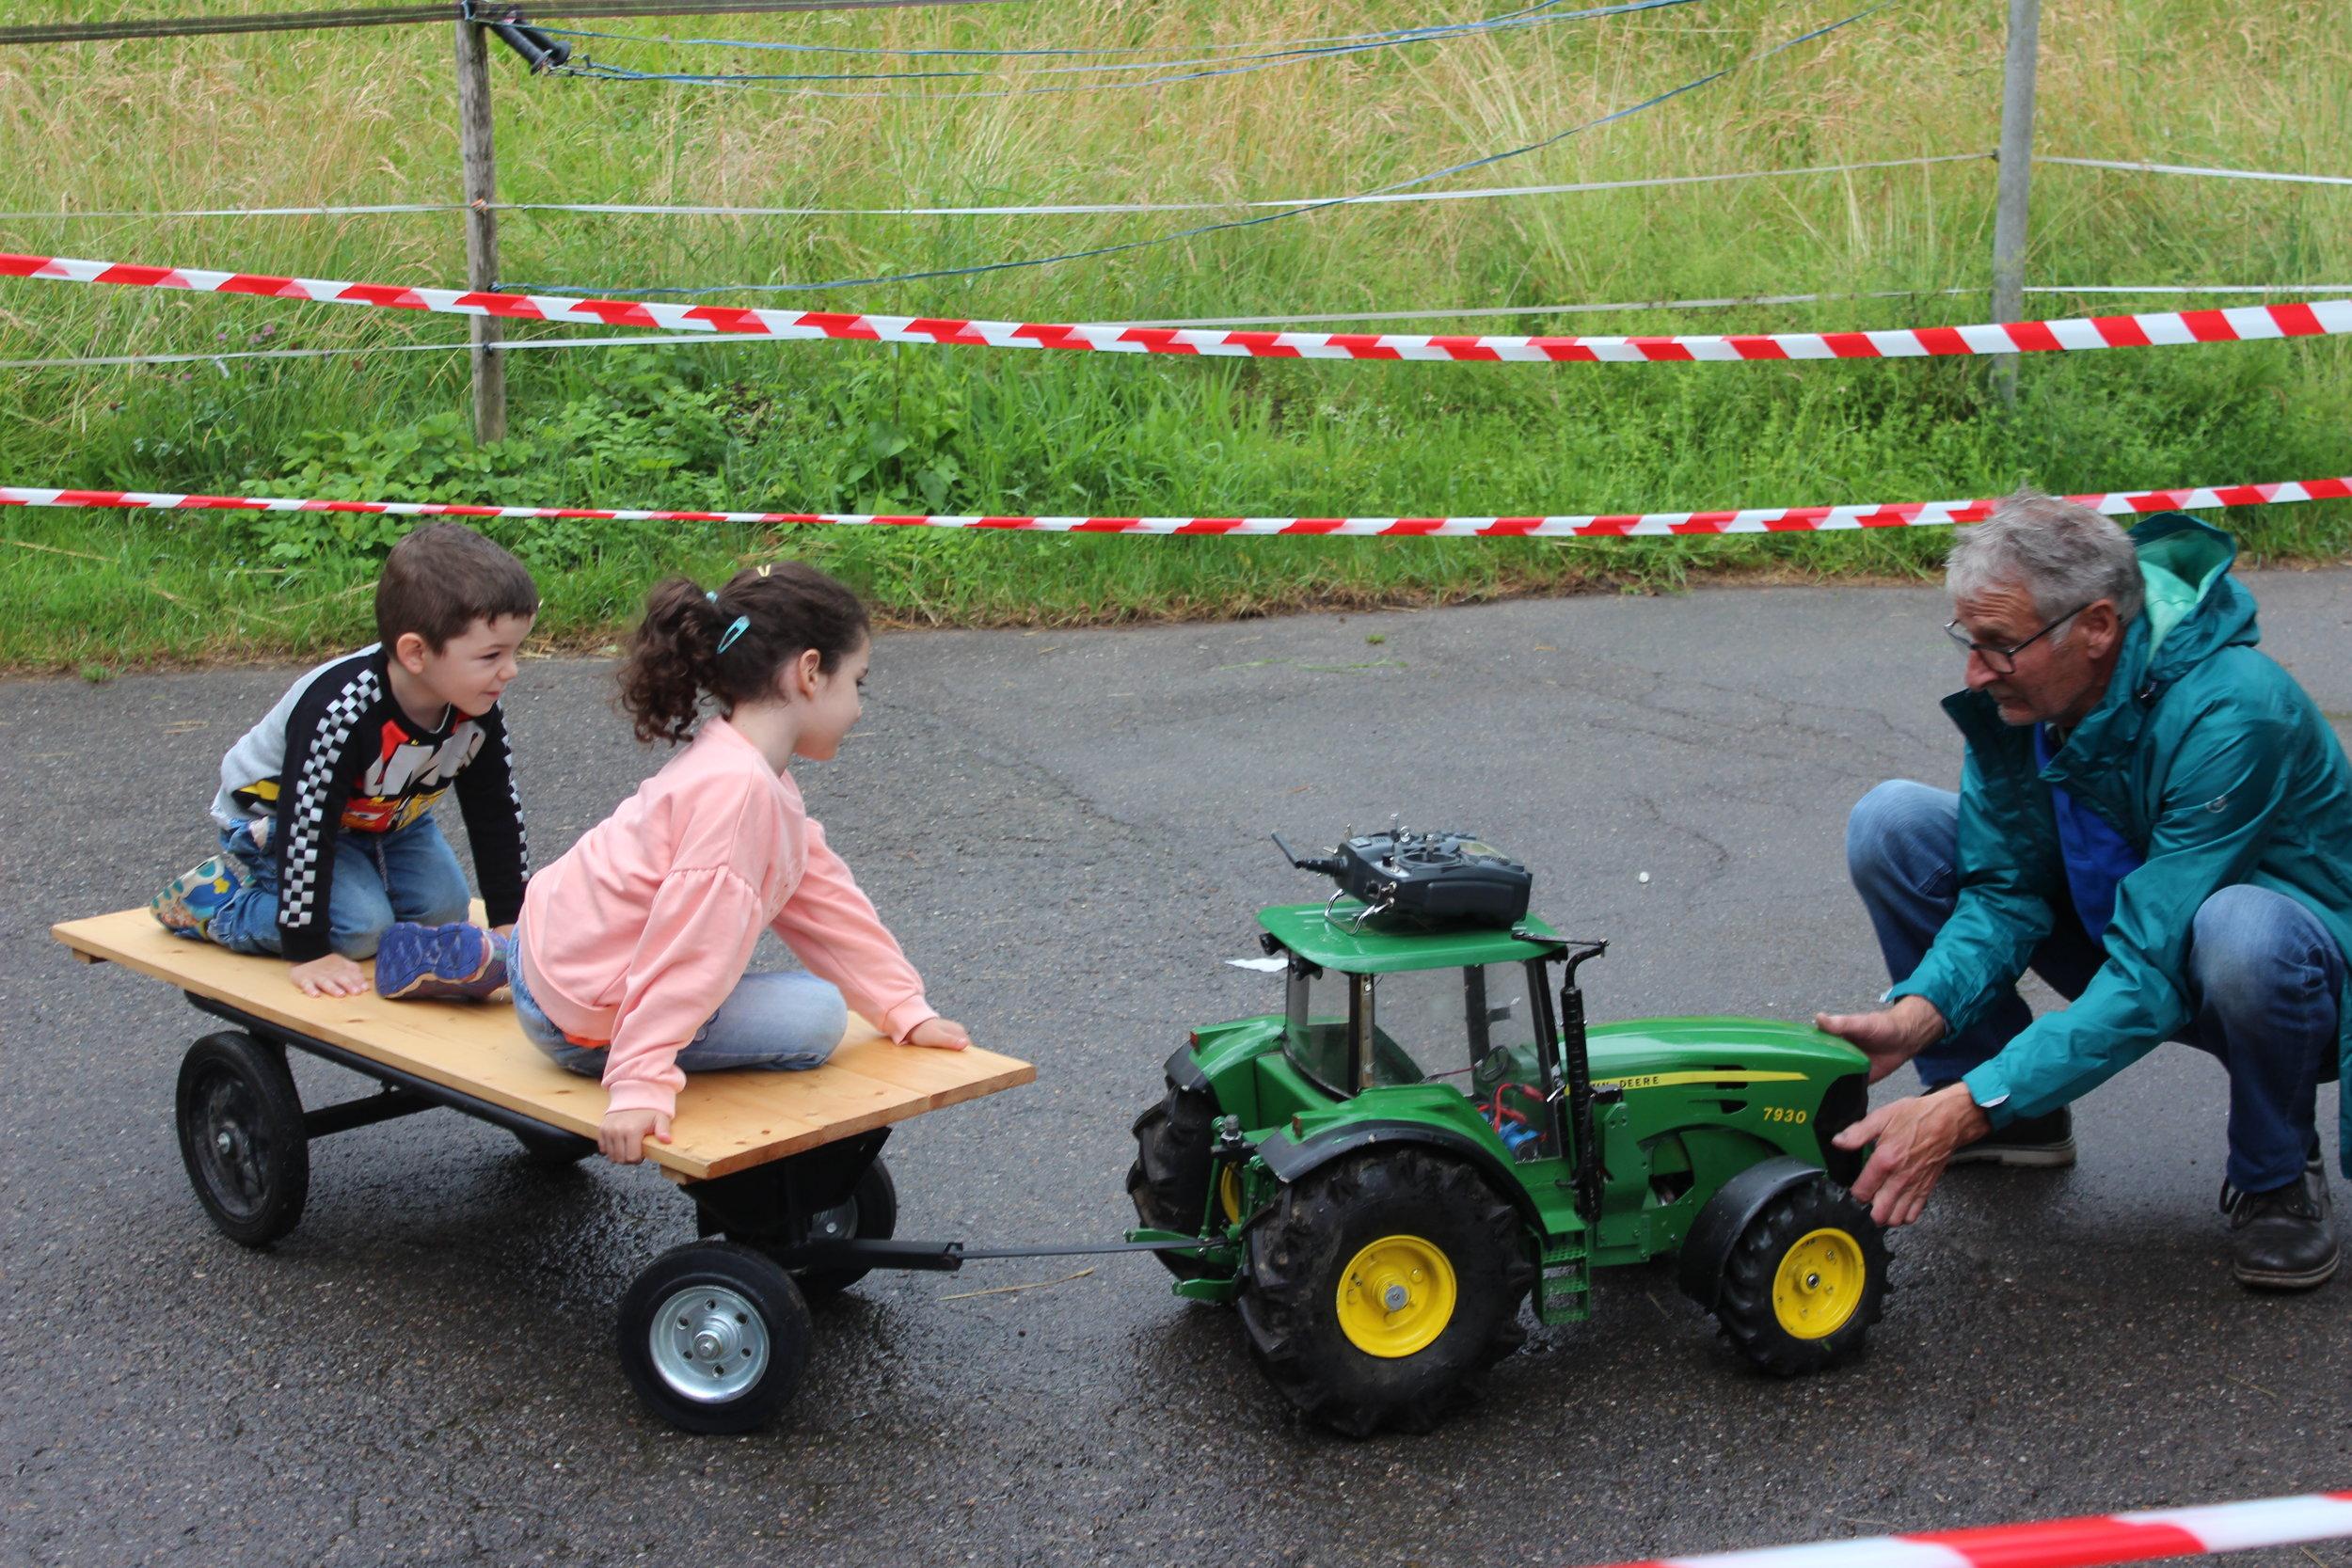 verschiedene Spiel, wie… - ein elektronischer Traktor, päckli fische, eine Gumpiburg und Mohrekopf schlüüdere.